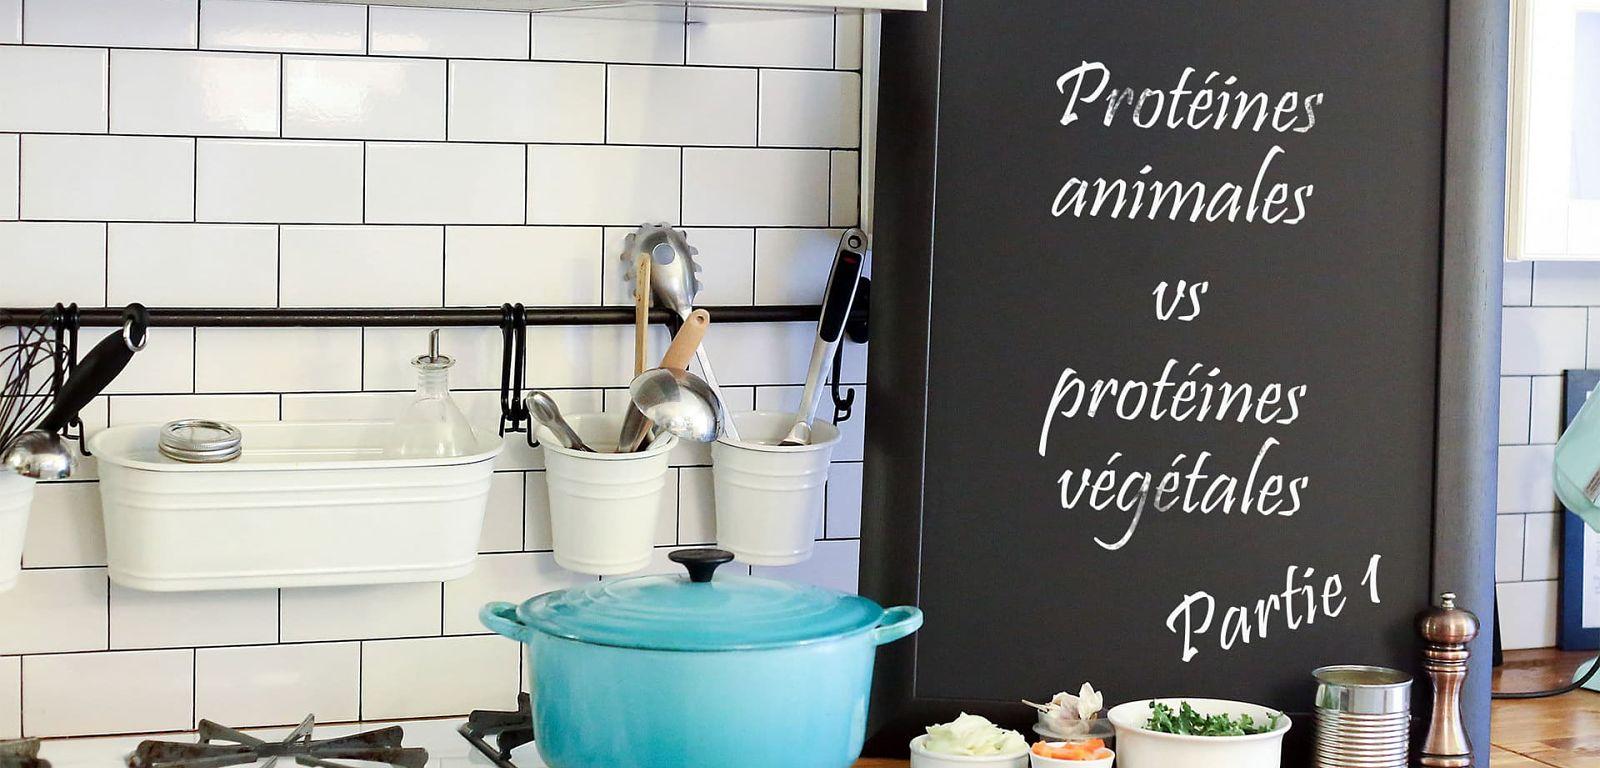 Protéines animales vs protéines végétales : Partie 1